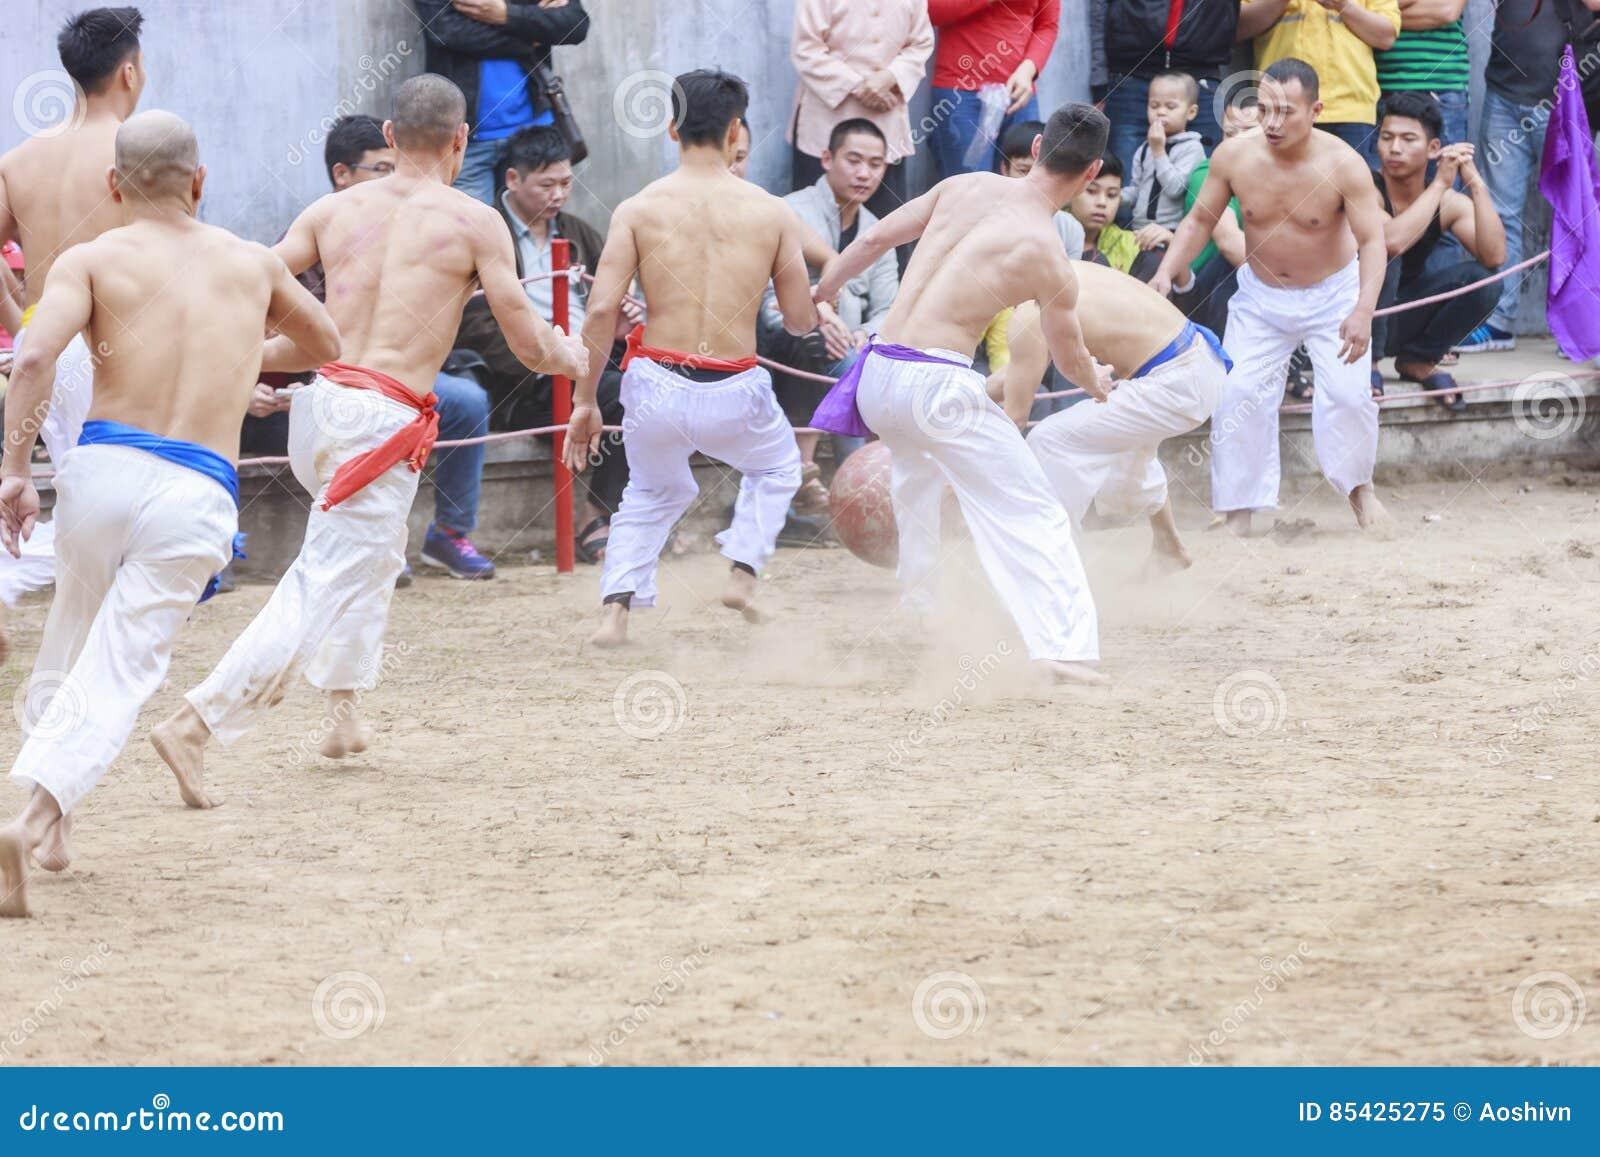 Μερικοί νεαροί άνδρες παίζουν με την ξύλινη σφαίρα στο σεληνιακό νέο έτος φεστιβάλ στο Ανόι, Βιετνάμ στις 27 Ιανουαρίου 2016